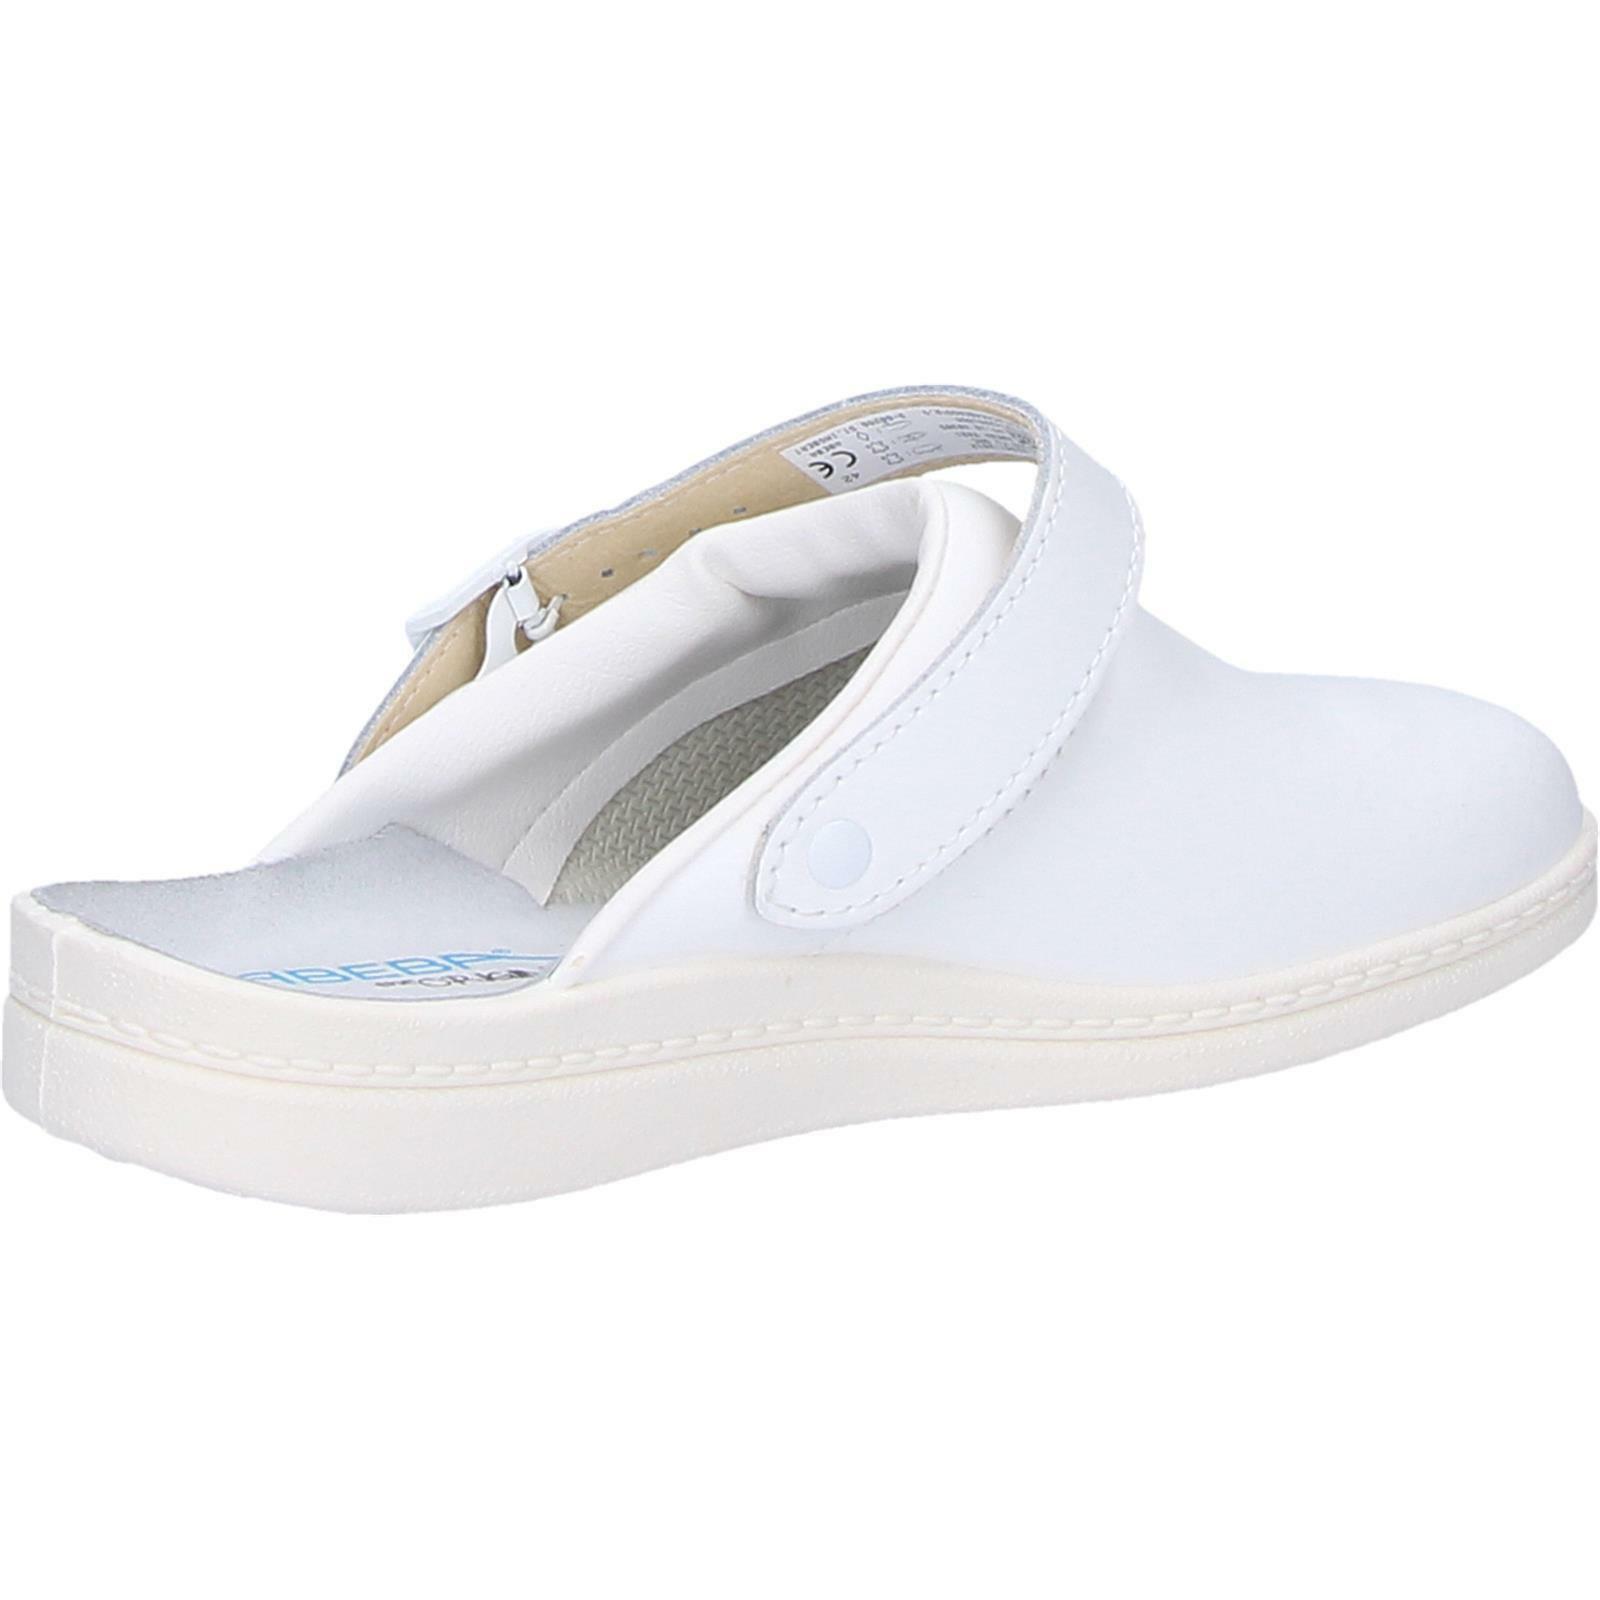 Abeba Abeba Abeba zapatos zapatos profesionales zapatos de trabajo dedos zapatillas projoección blancoooo en20347 talla 37 3895fc